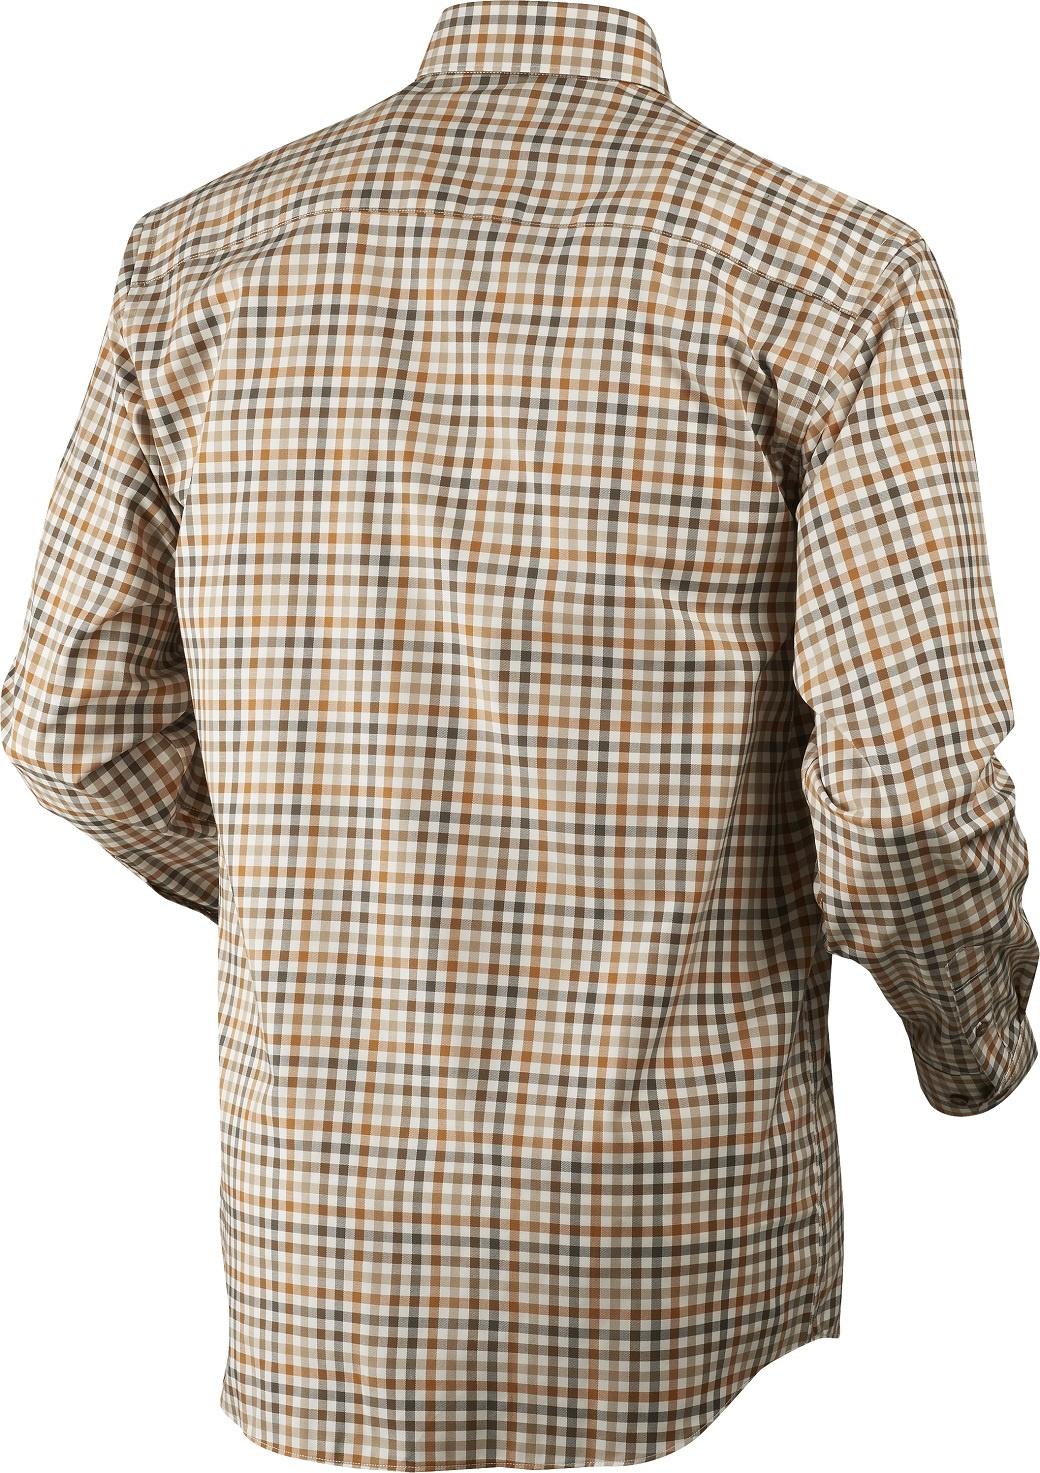 Härkila Milford Shirt Spice Check-2